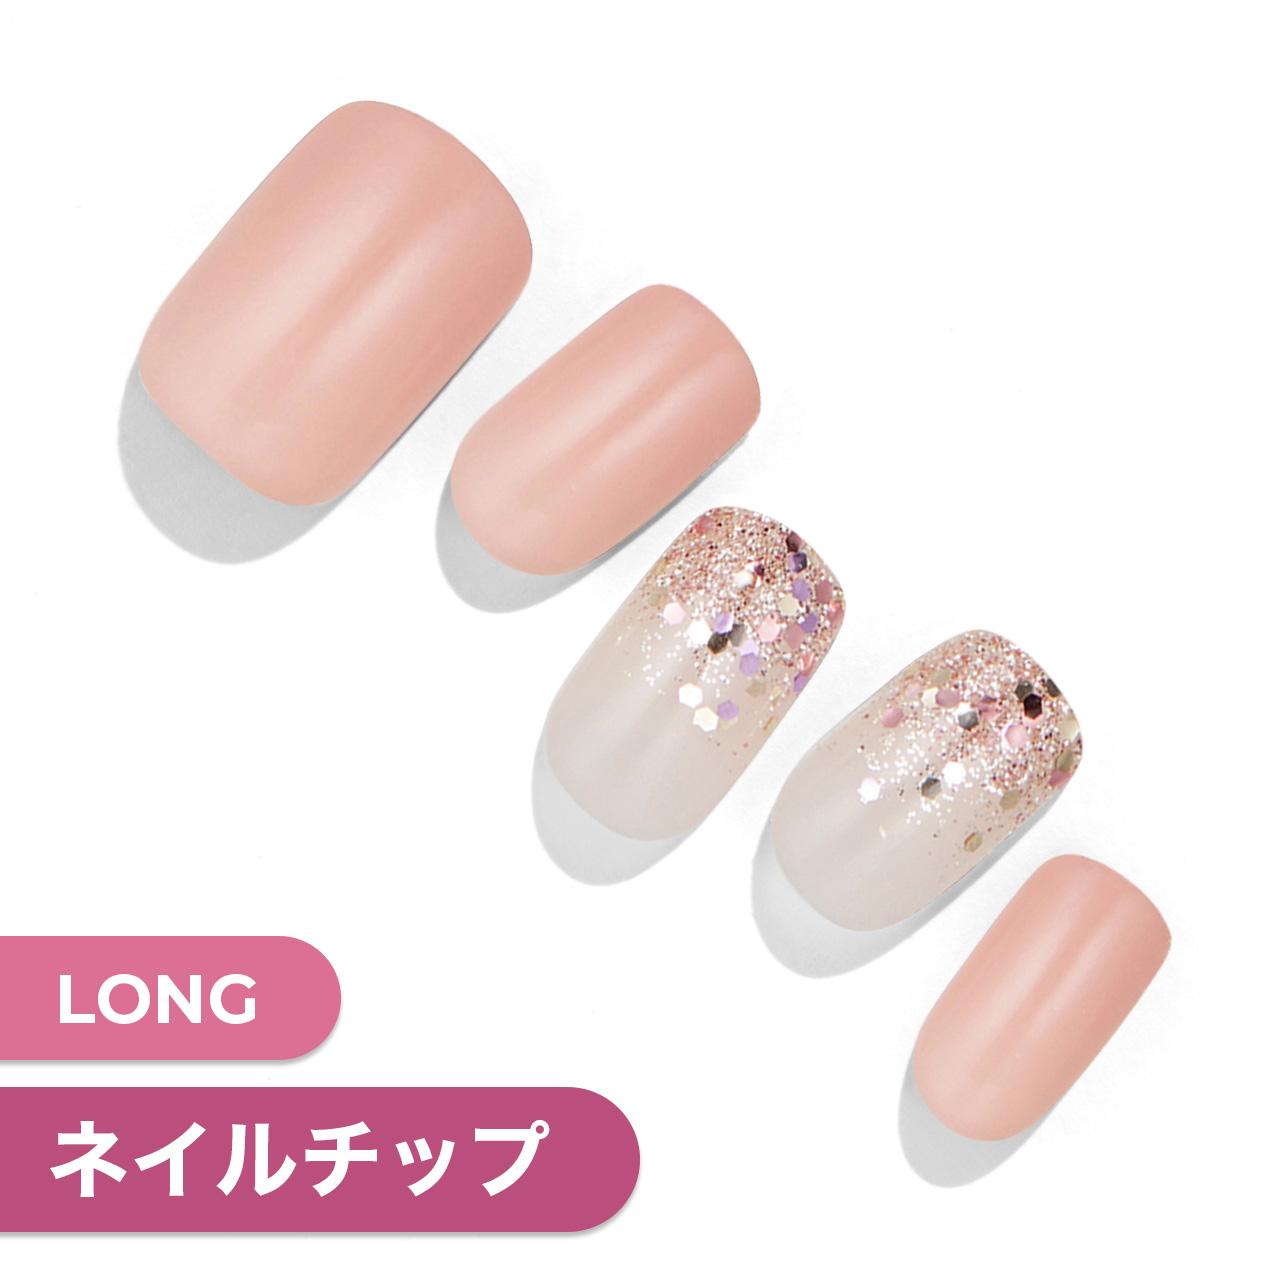 【Glittering Peach】ダッシングディバマジックプレス